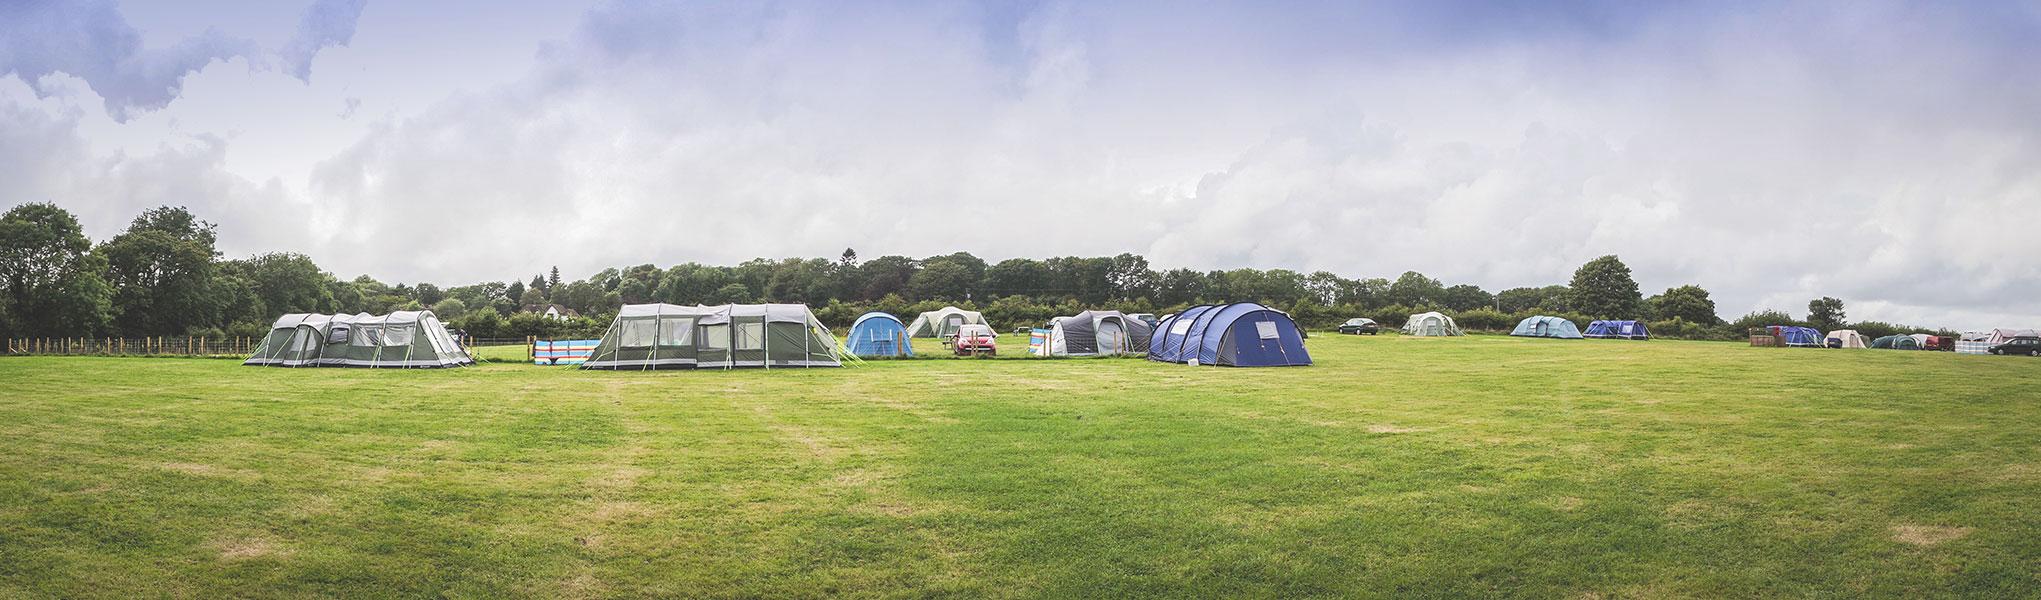 Monkton-Wyld-Camping-Site-Dorset-05